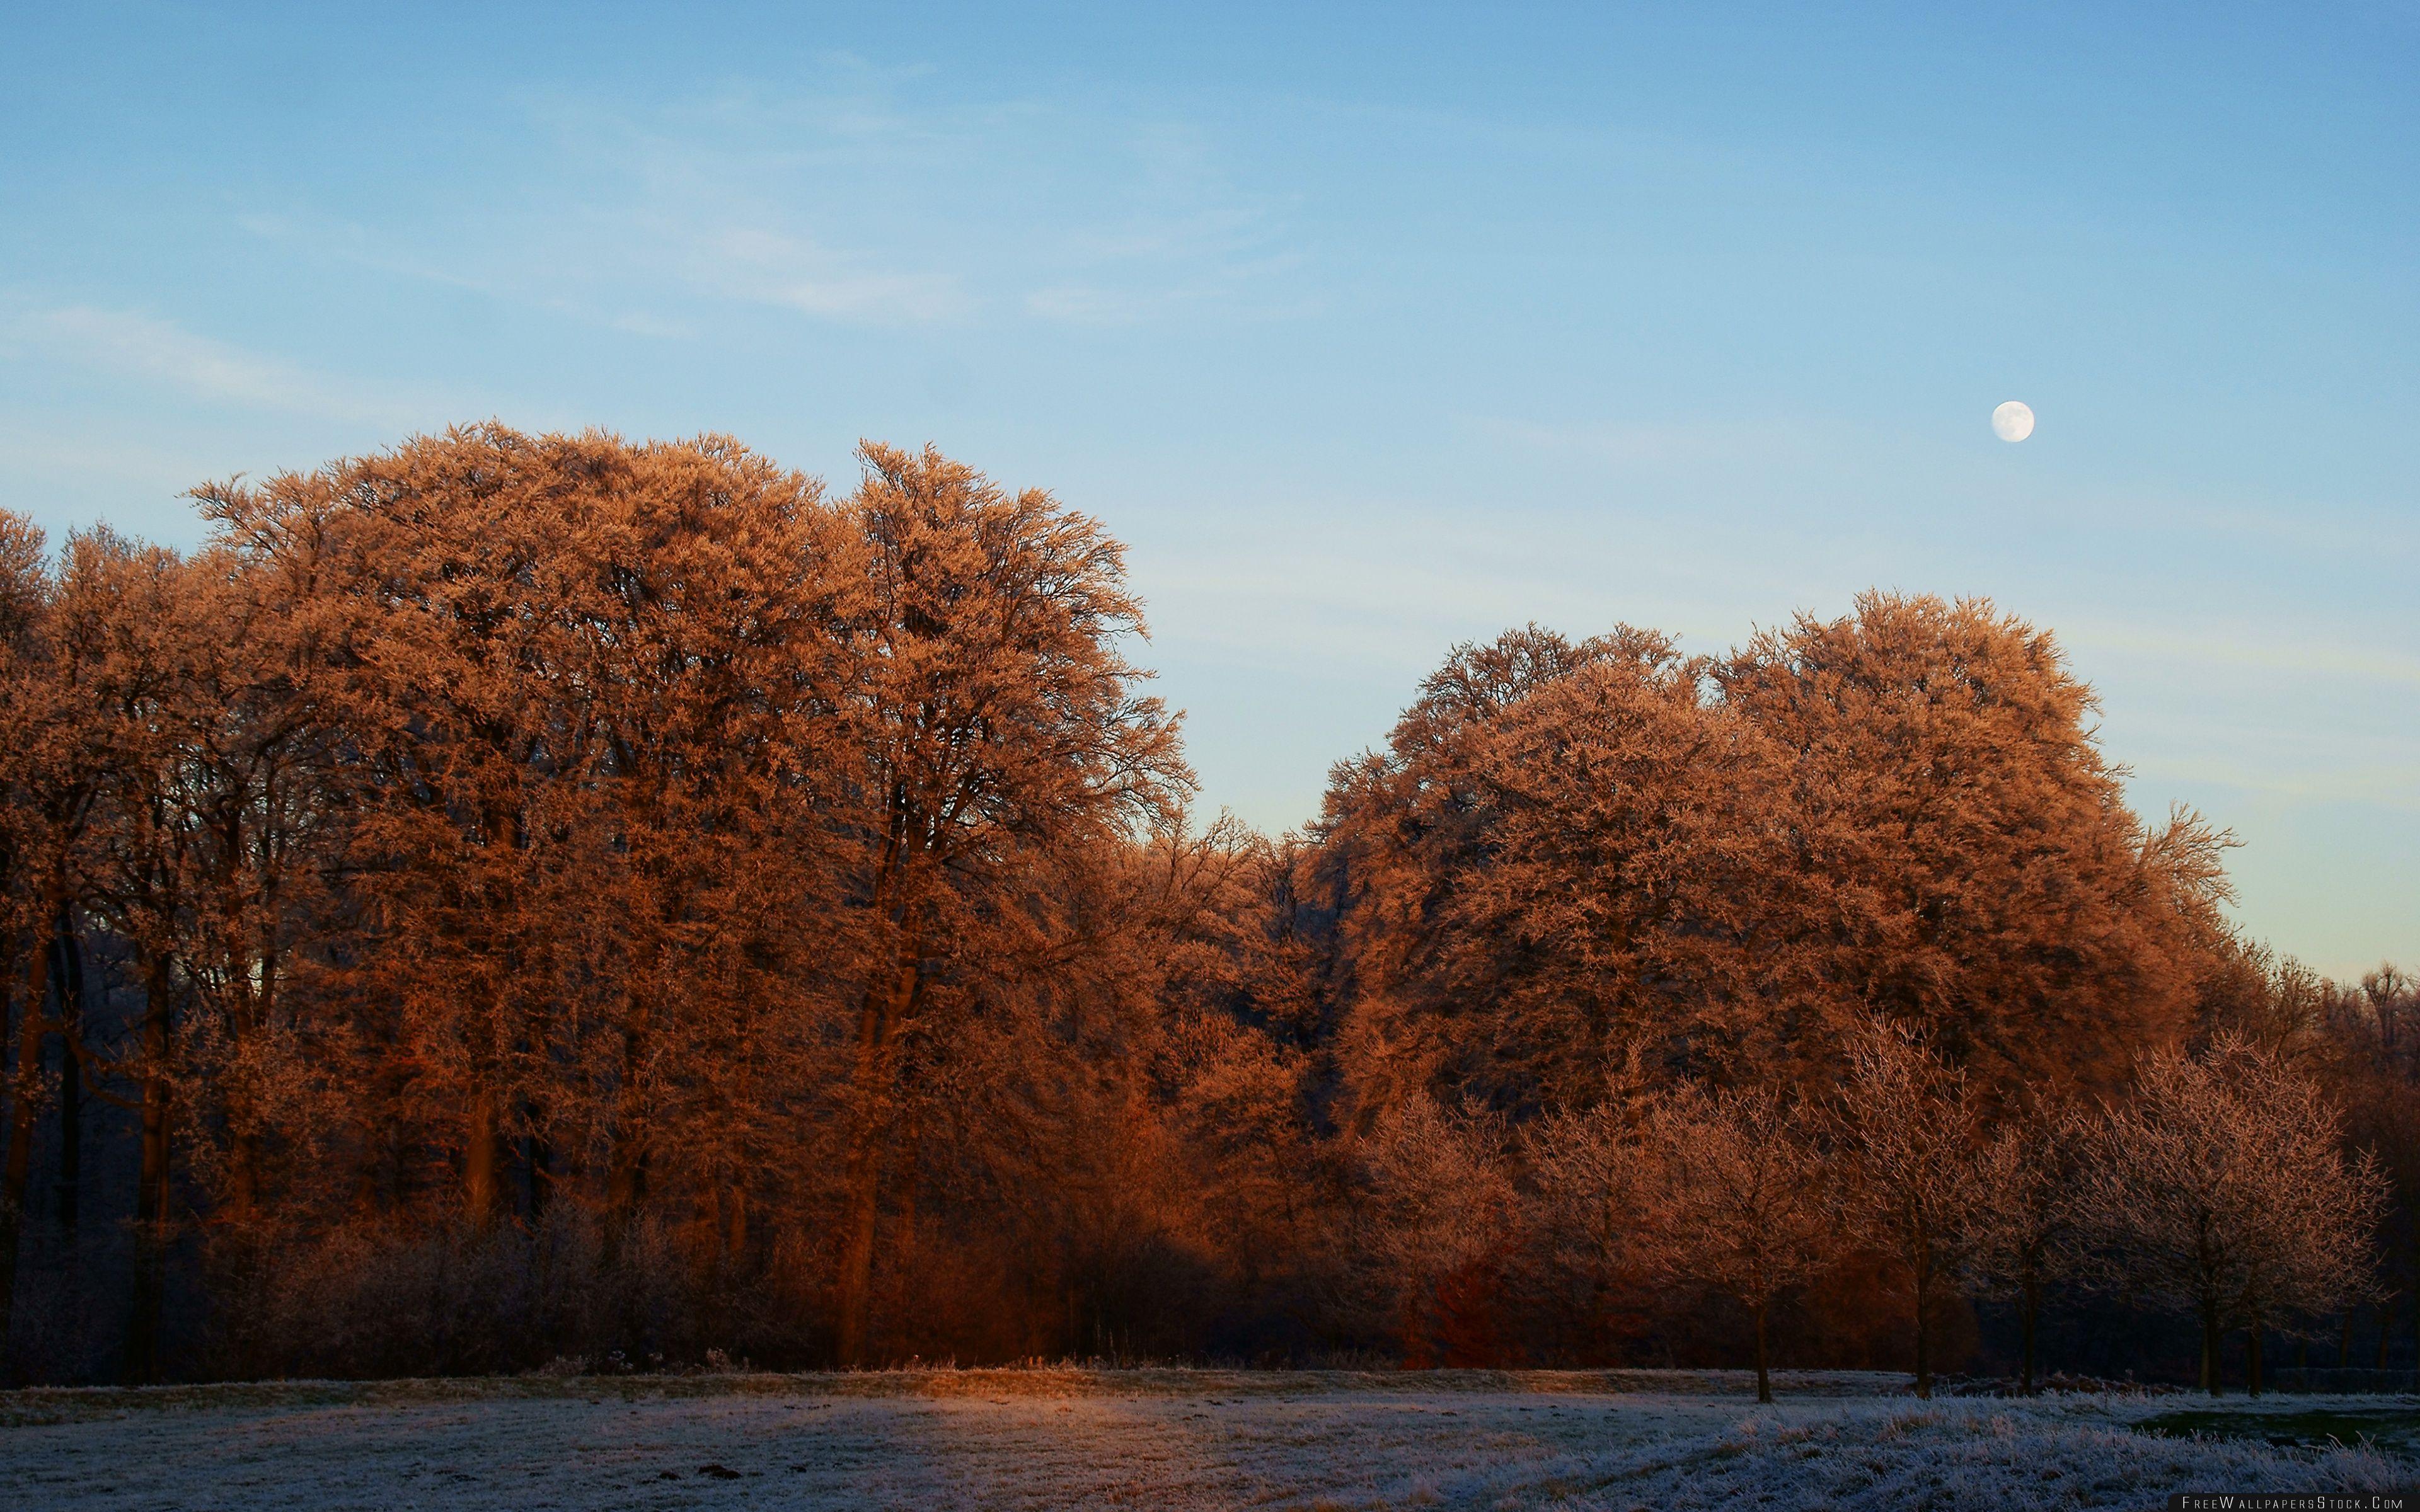 Download Free Wallpaper Winter Sunset Utrecht